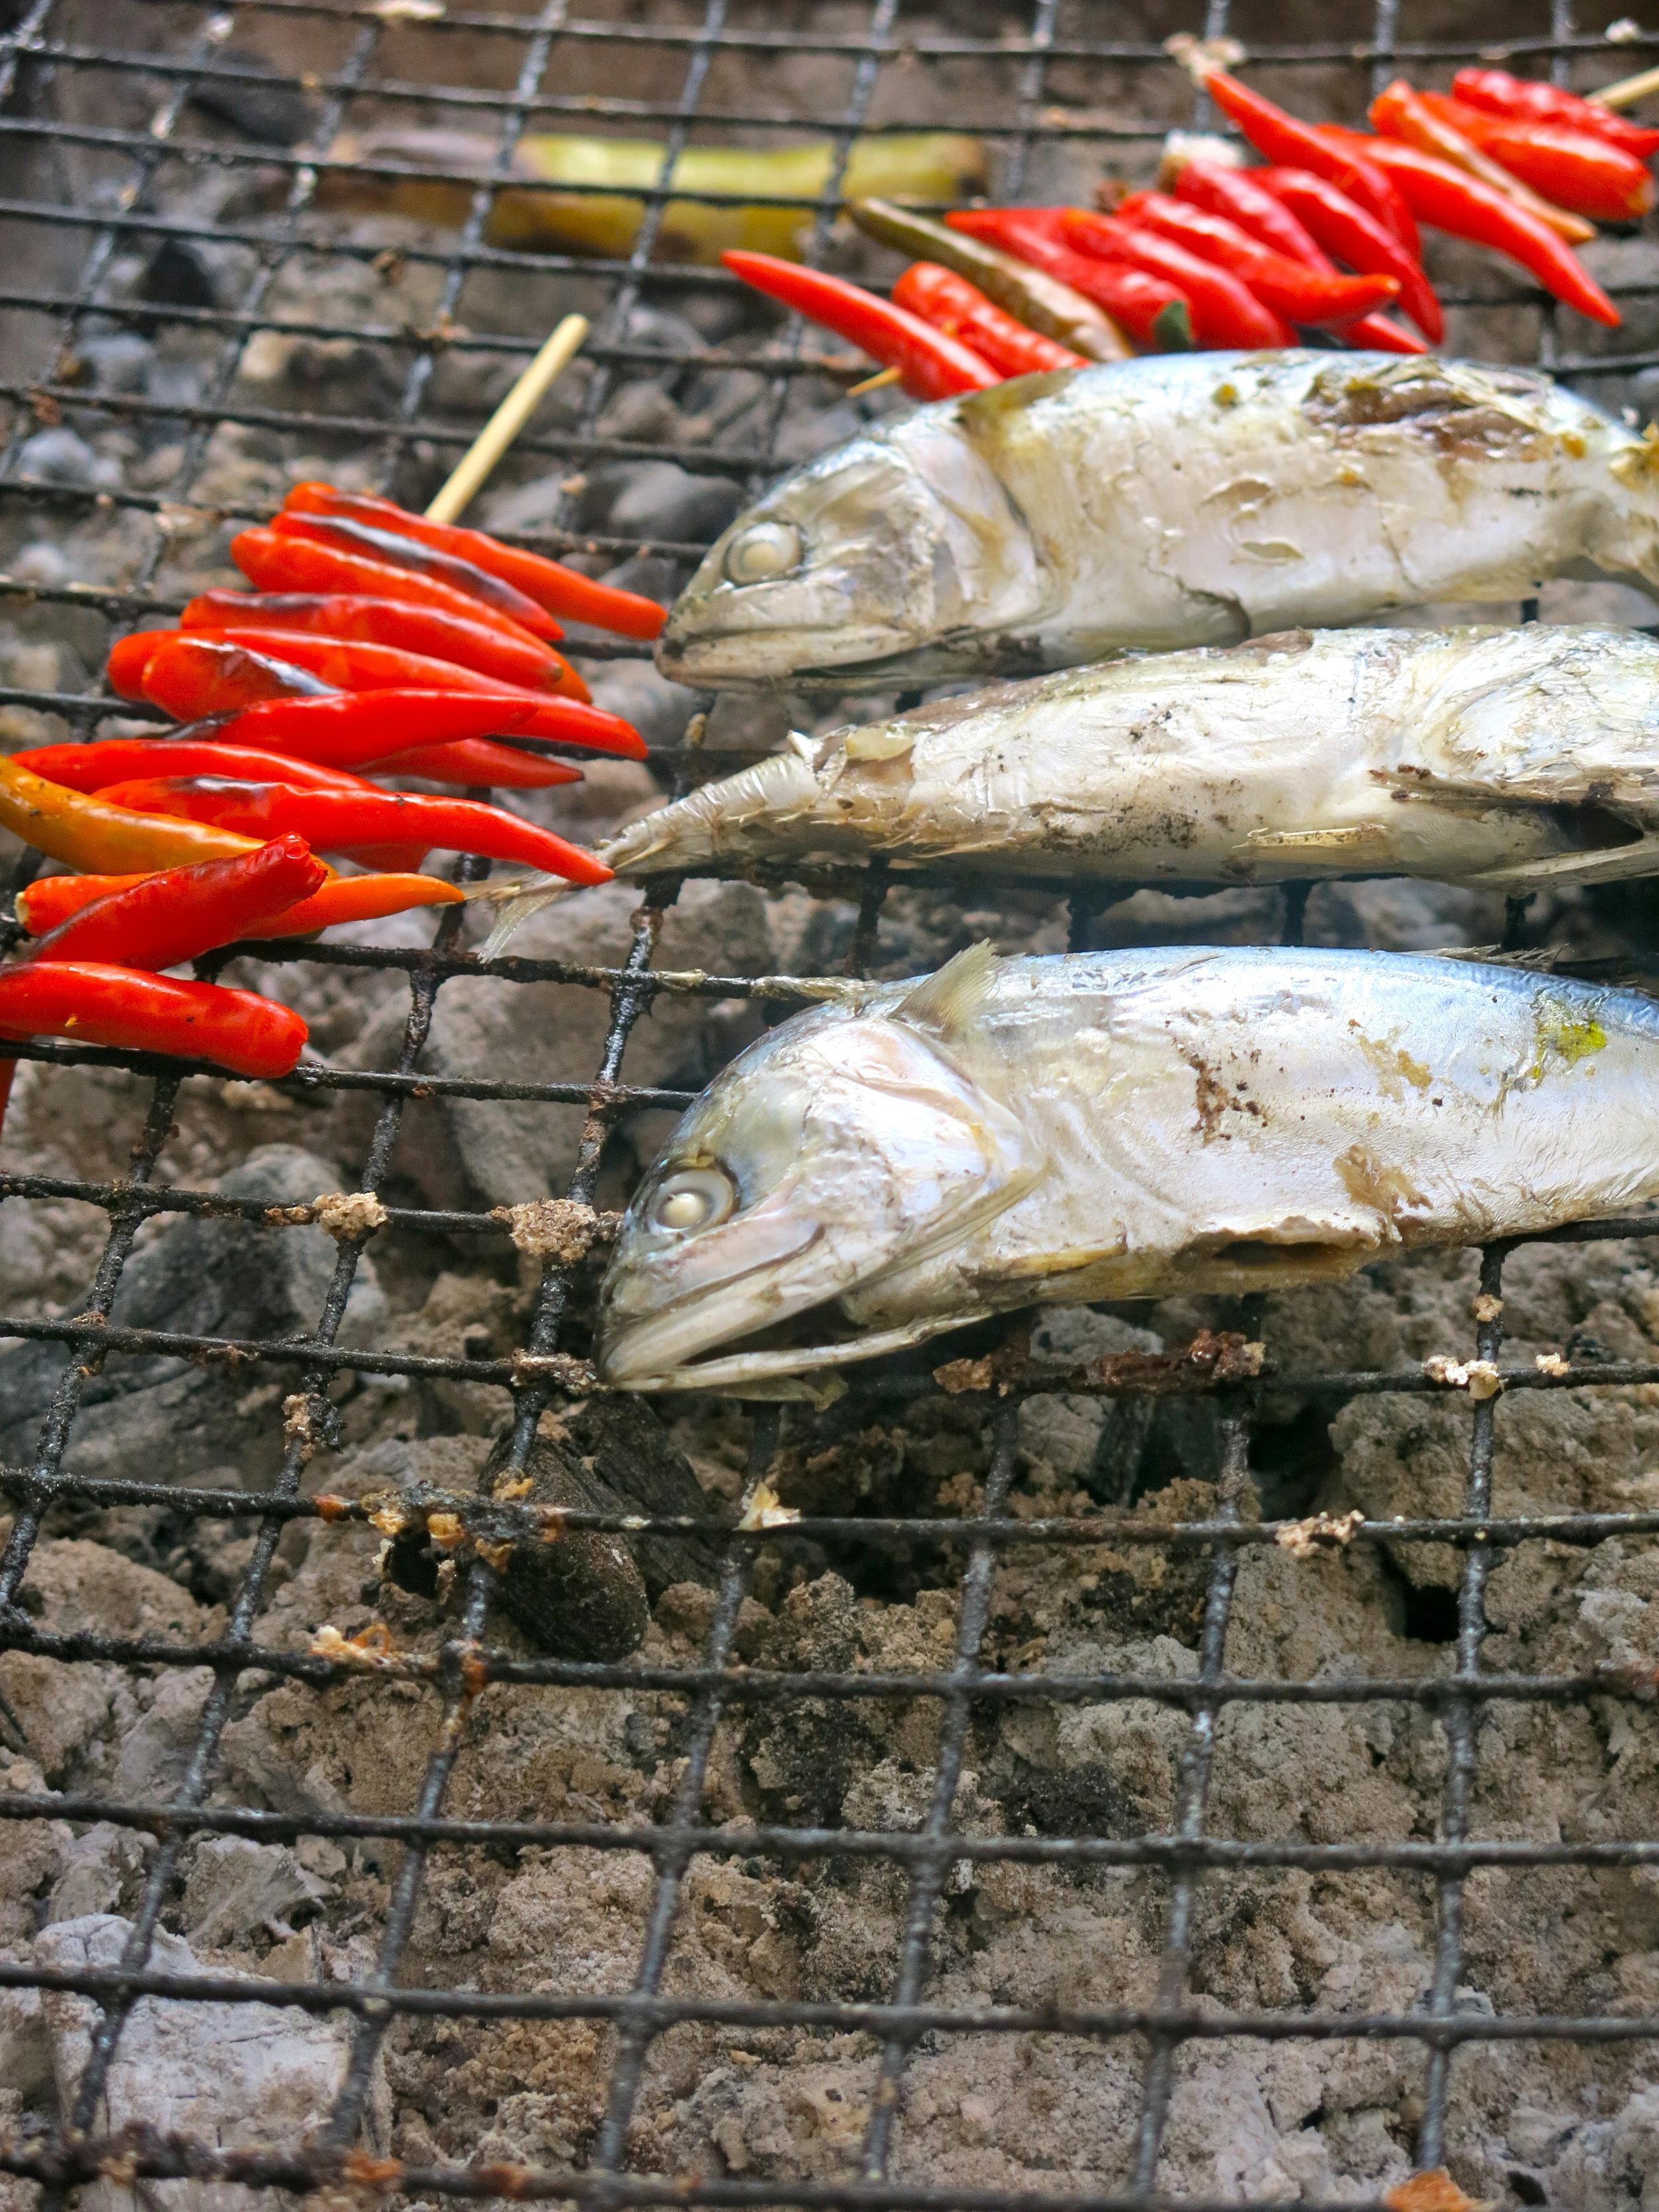 fried-fish-thonburi-bankgok-thailabd